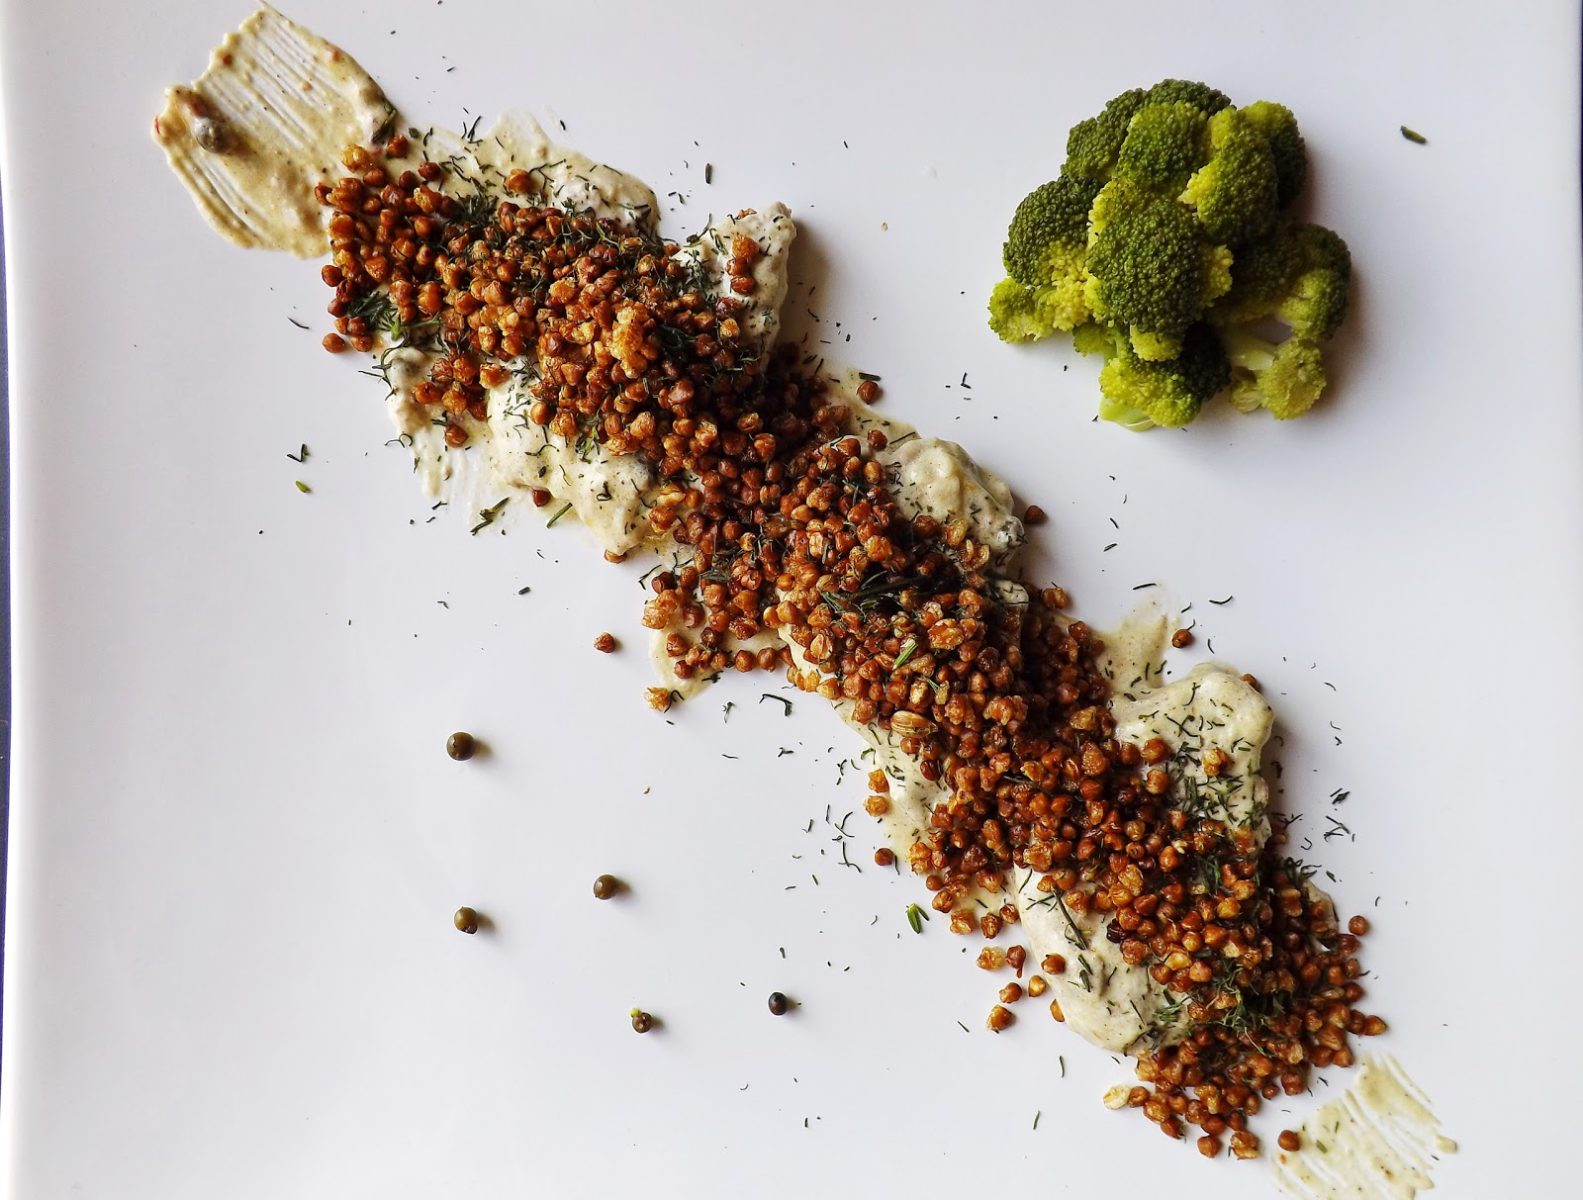 Polędwiczki w sosie śmietanowo serowym o nucie czosnkowej z popcornem z kaszy gryczanej